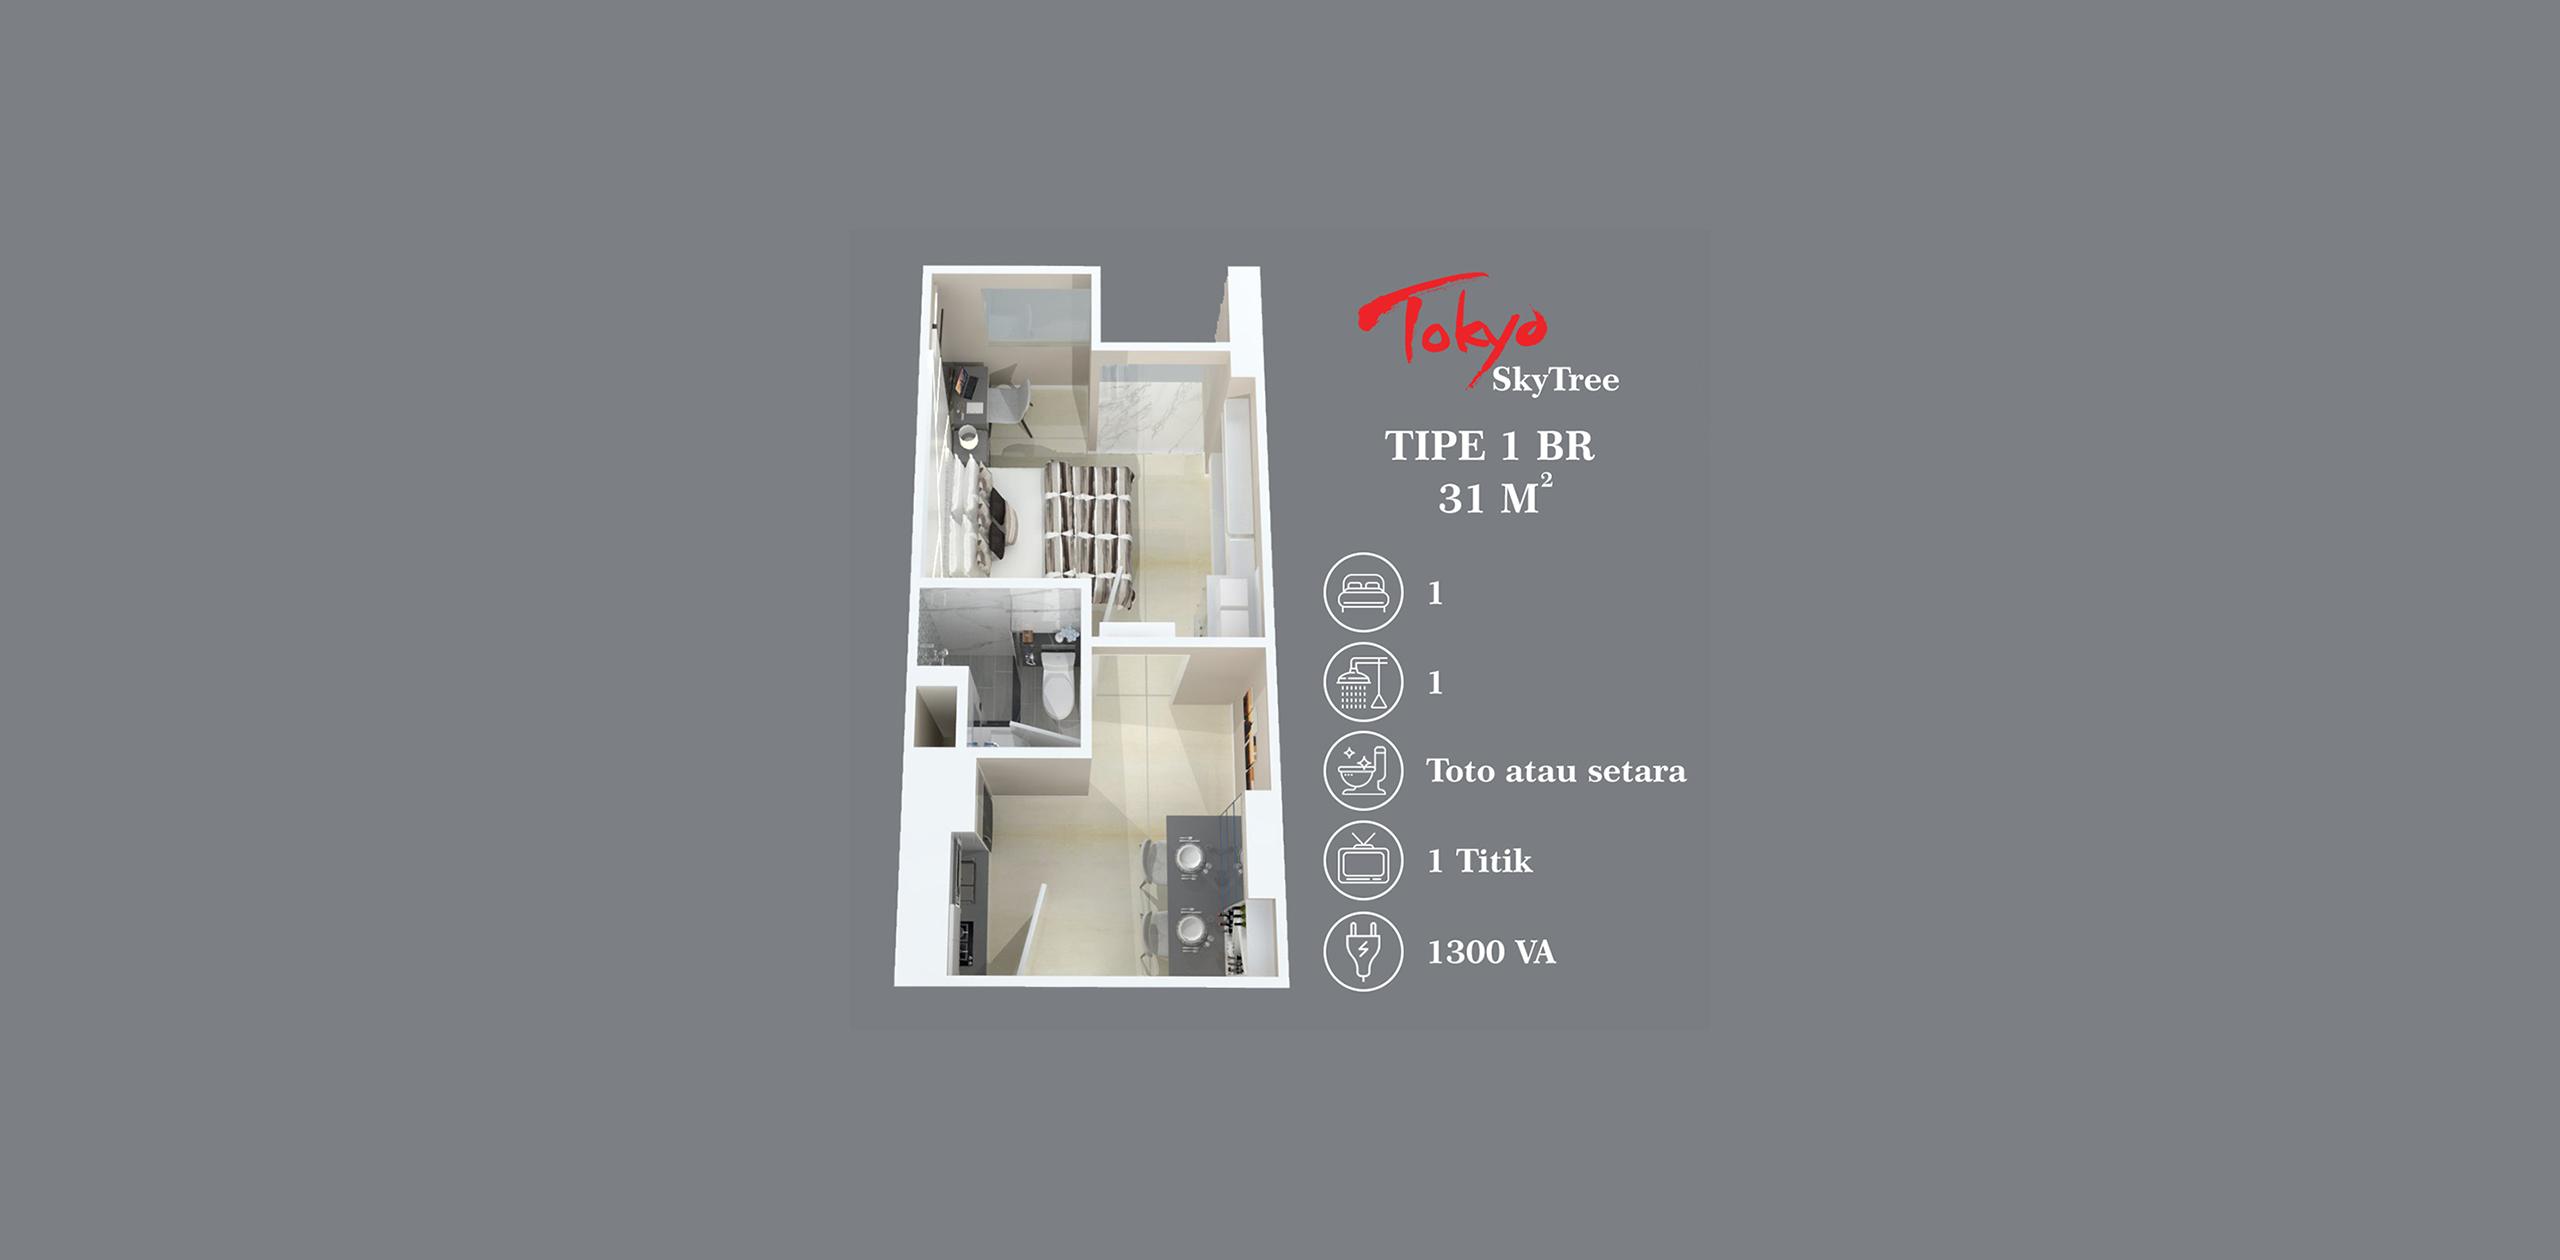 Pik2 - Tokyo Skytree - 1BR